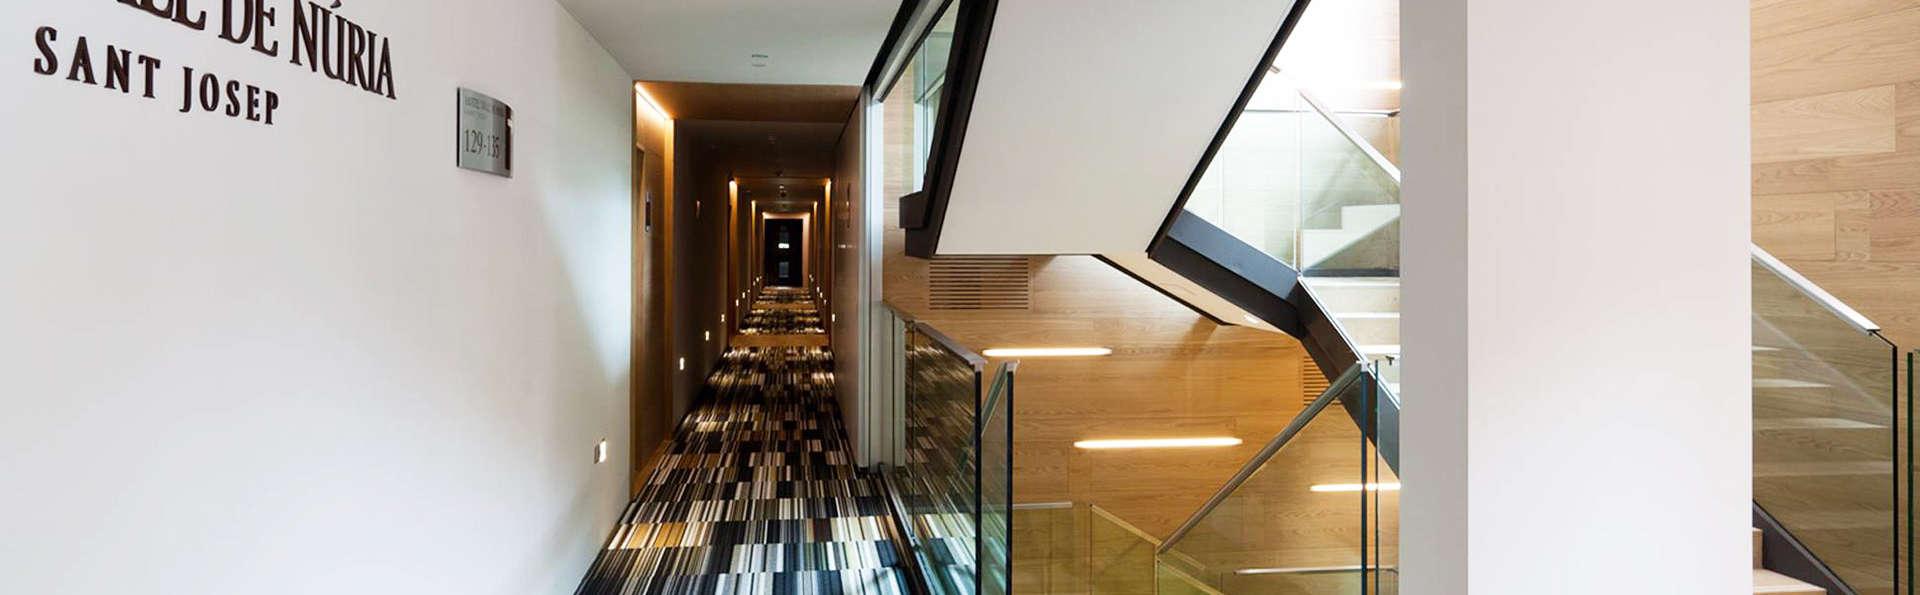 Hotel Vall de Núria - EDIT_interior.jpg